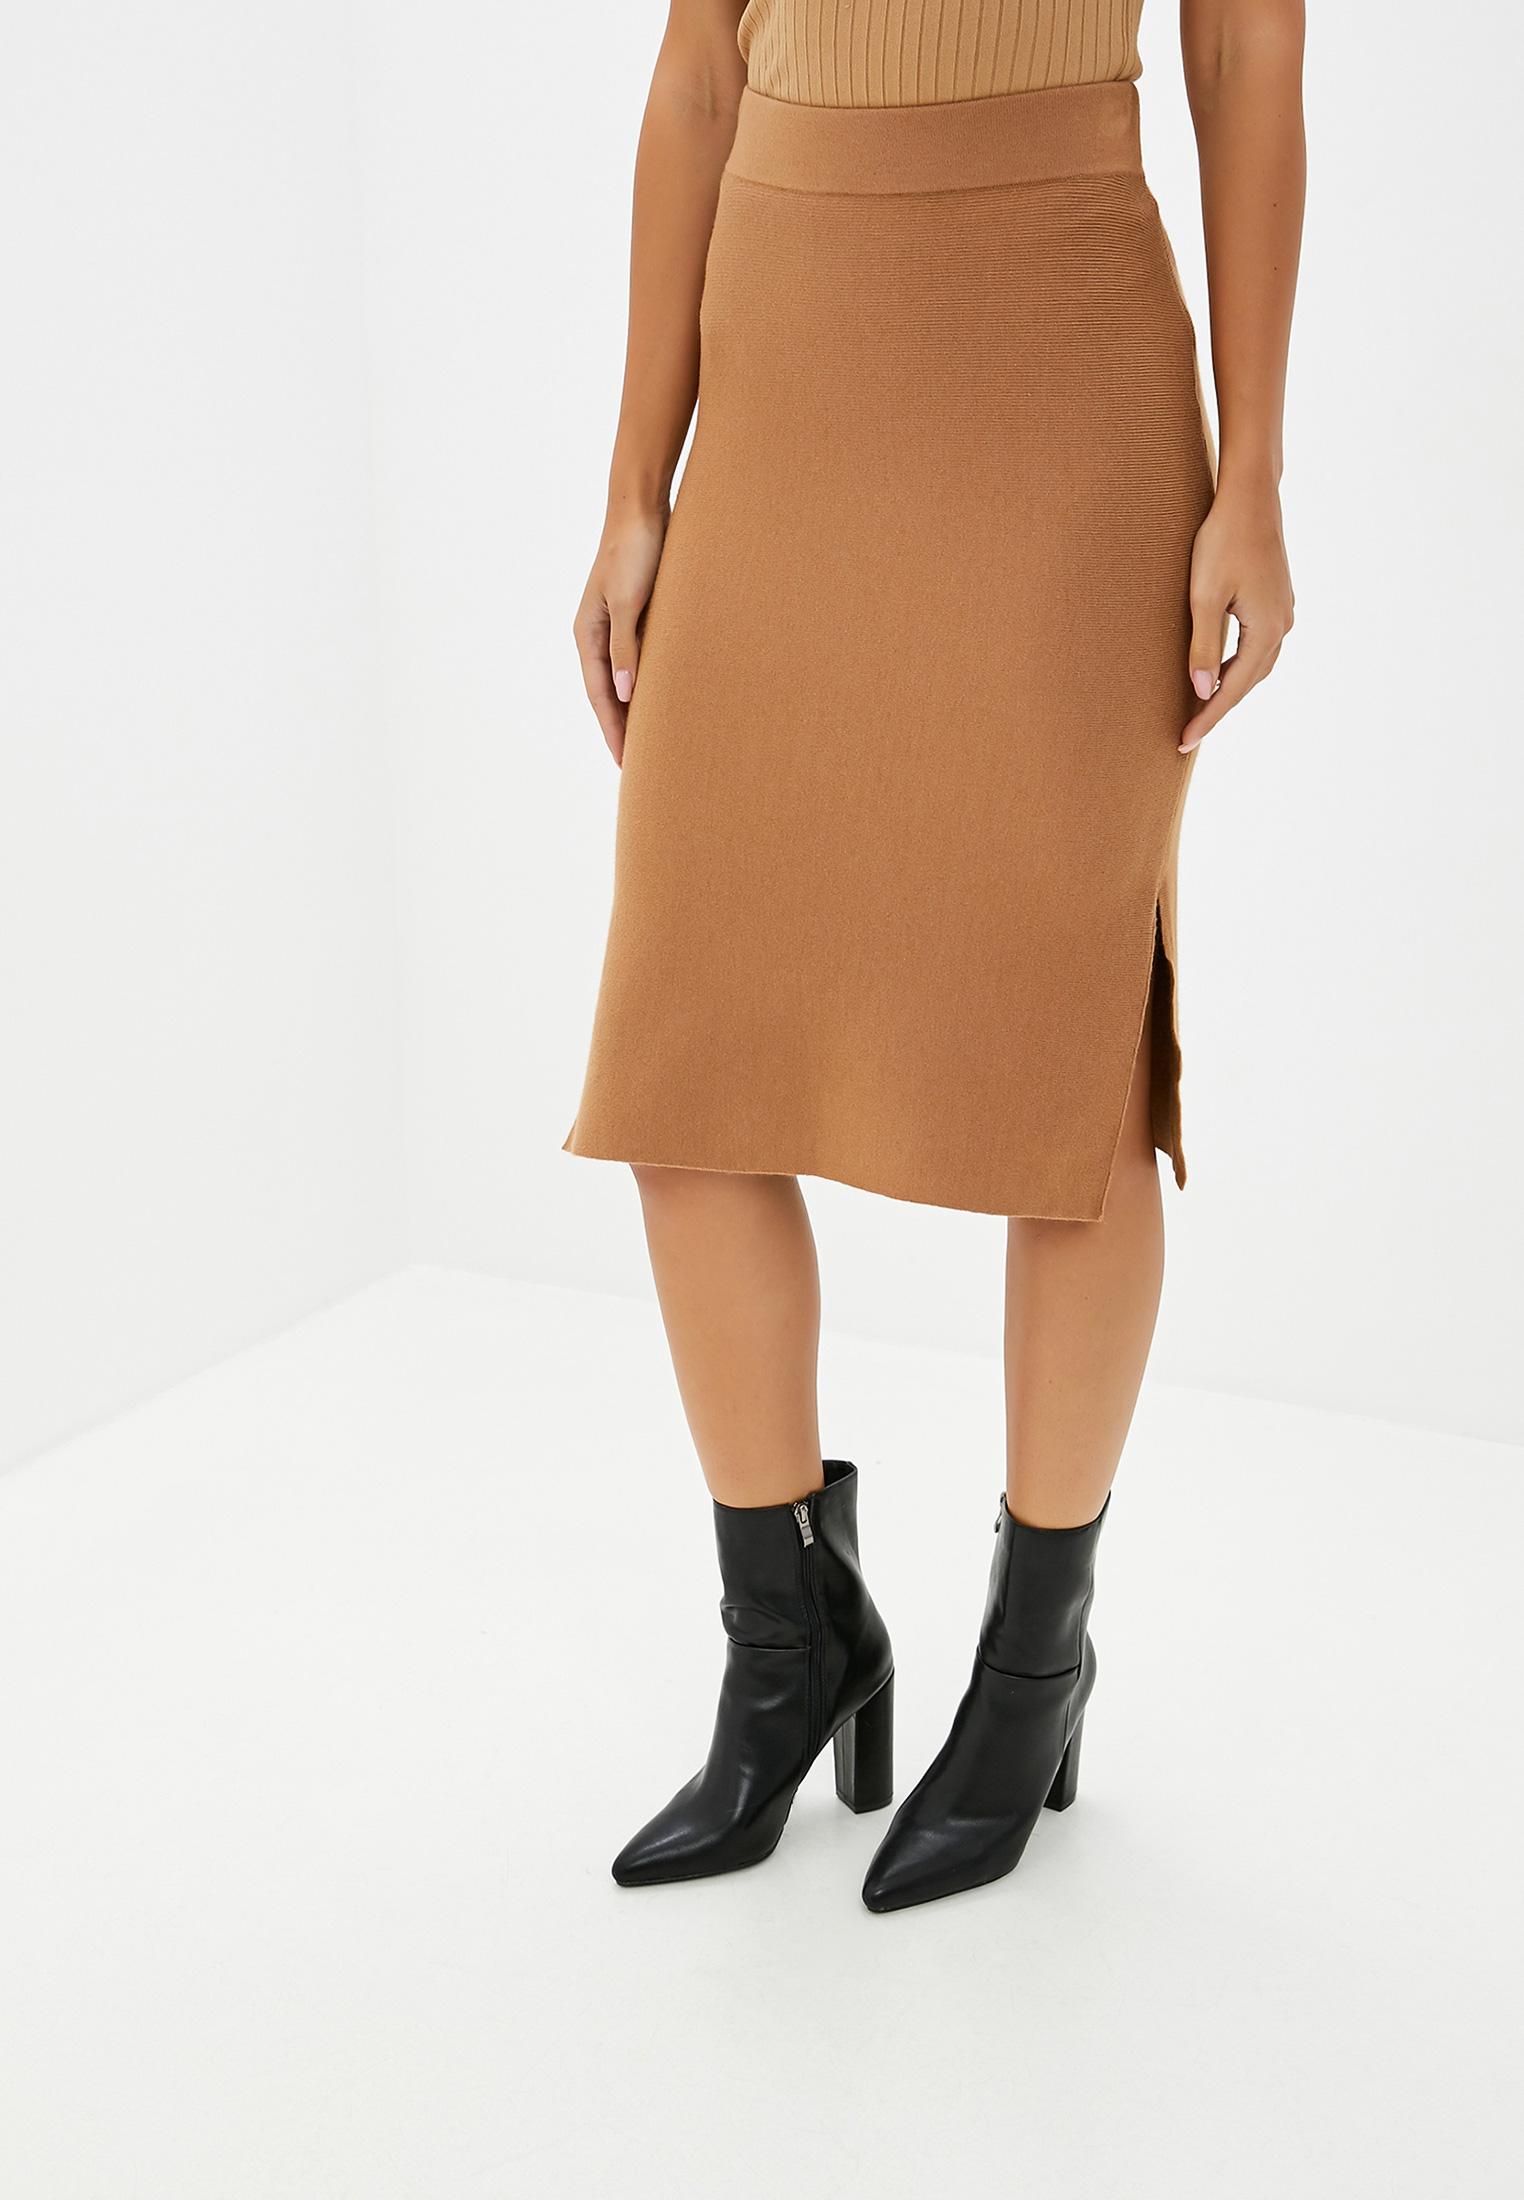 Прямая юбка Vero Moda (Веро Мода) 10218464